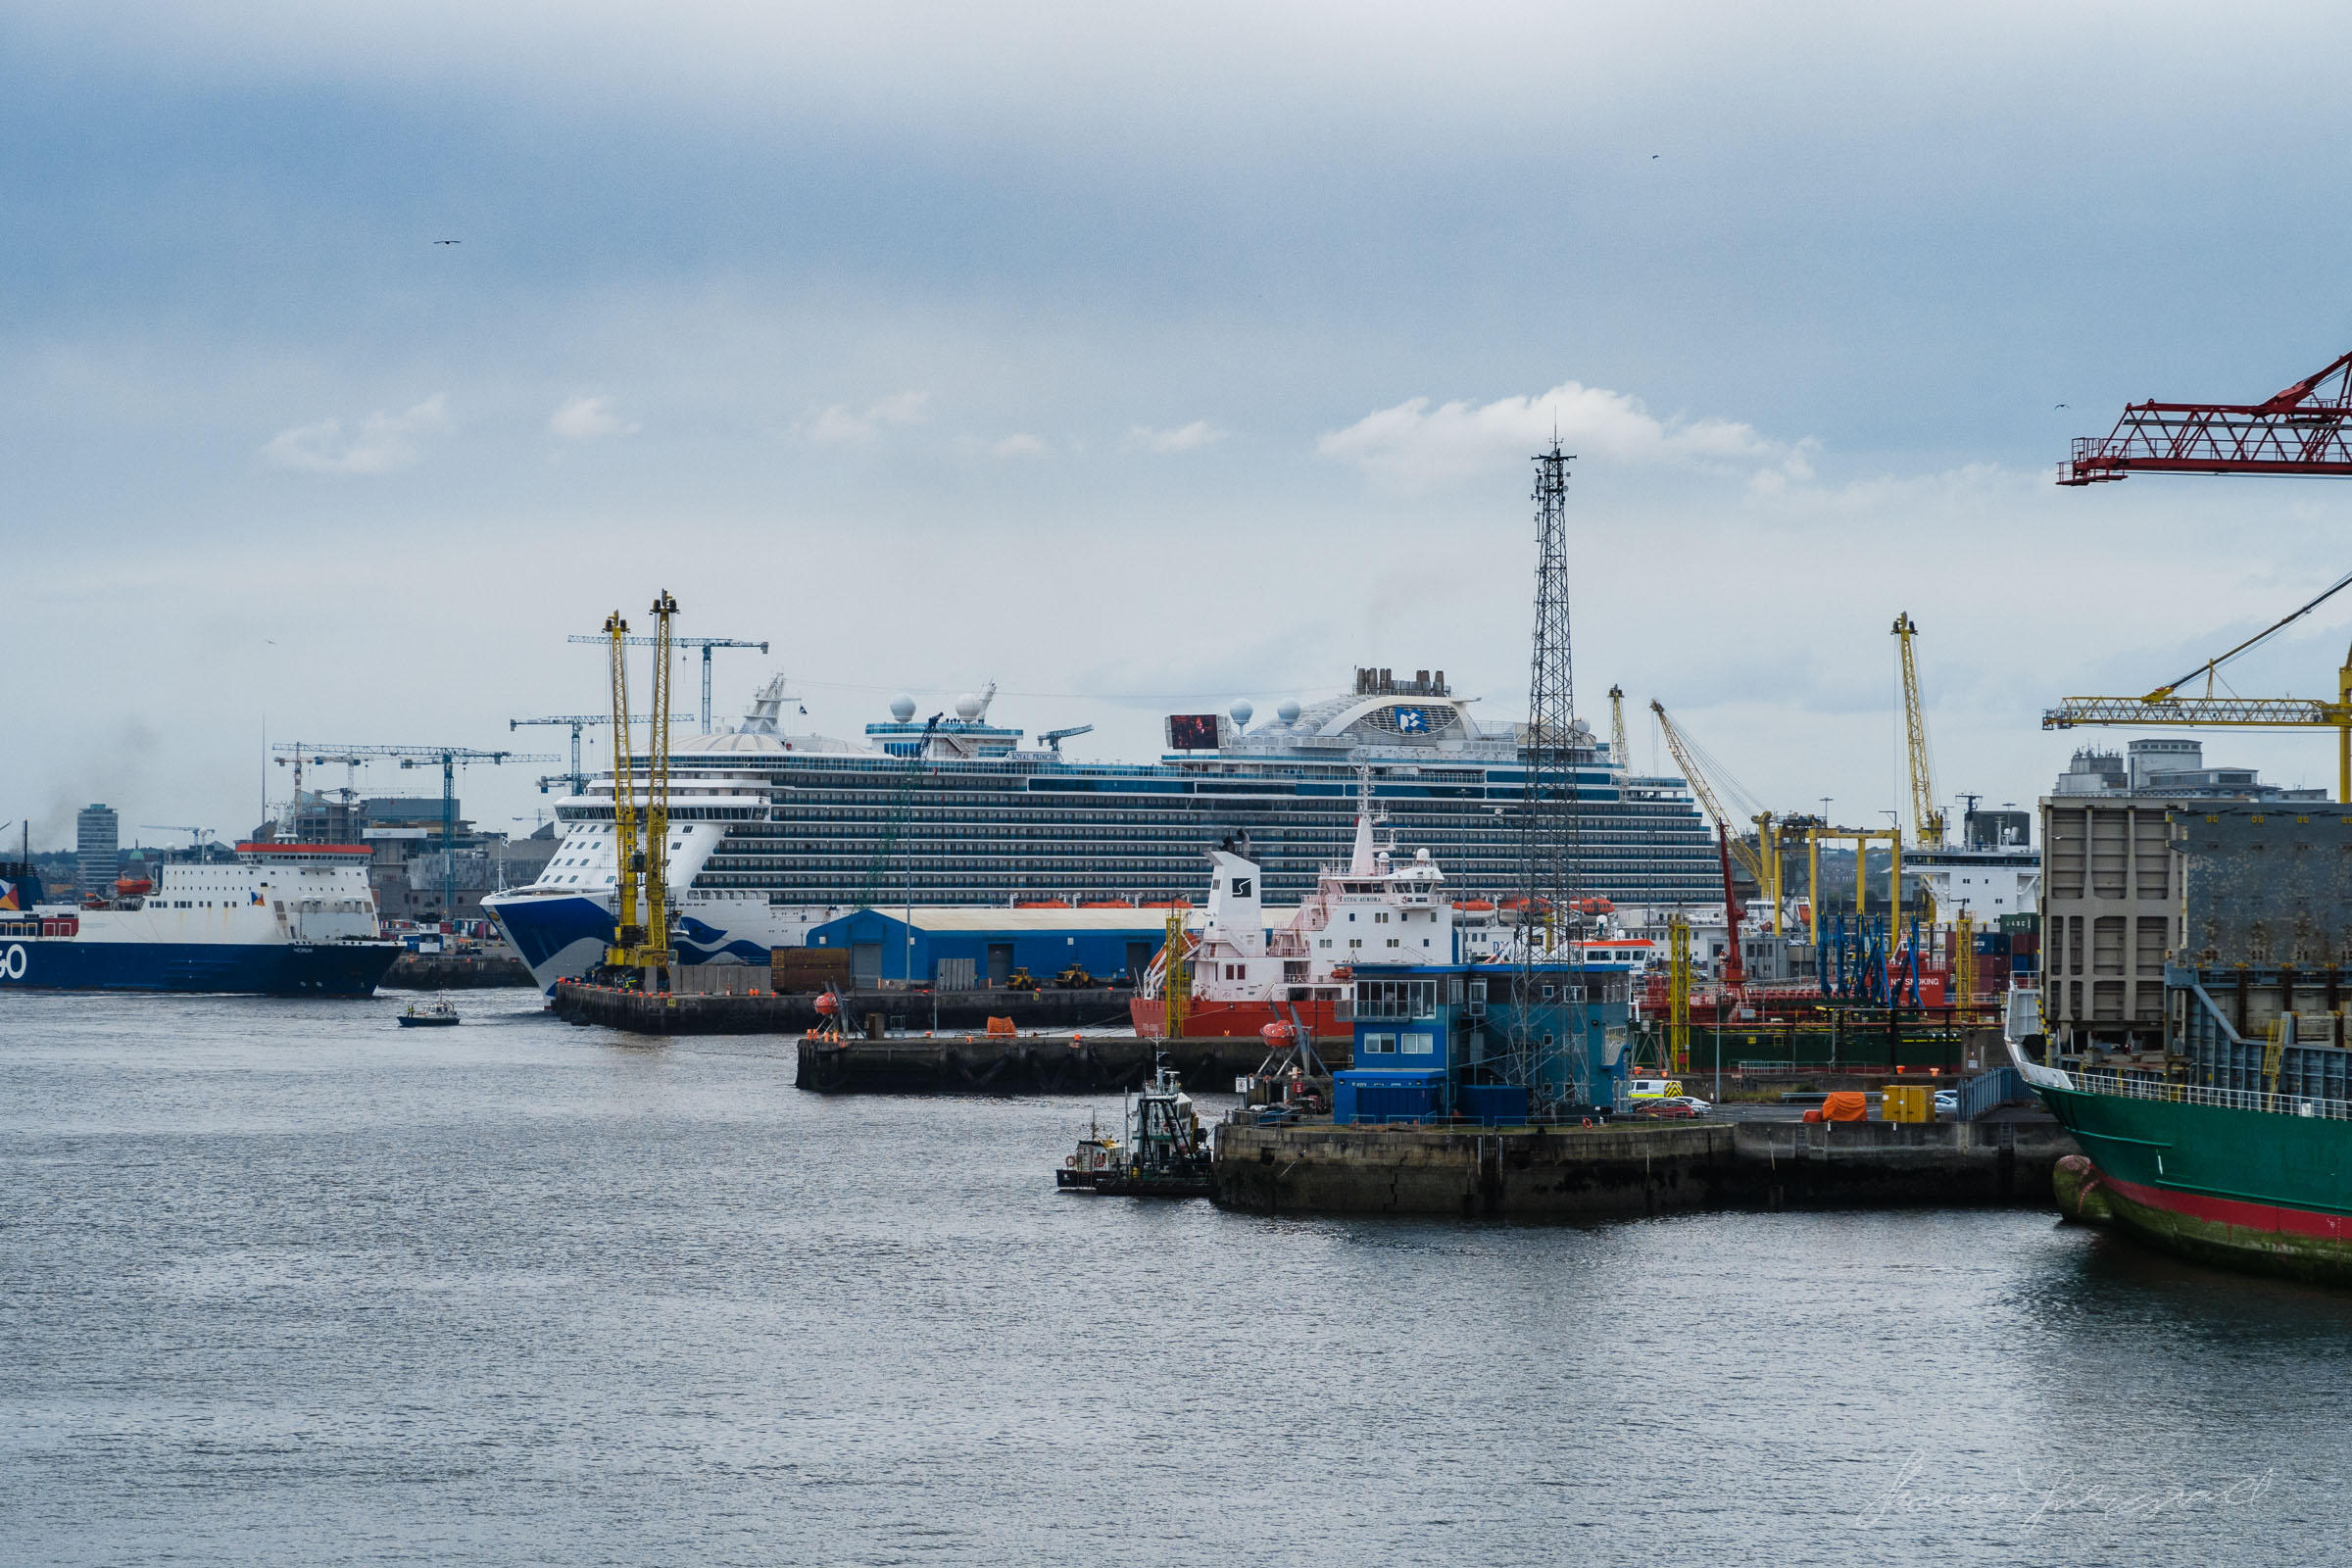 Boats docked in Dublin Port